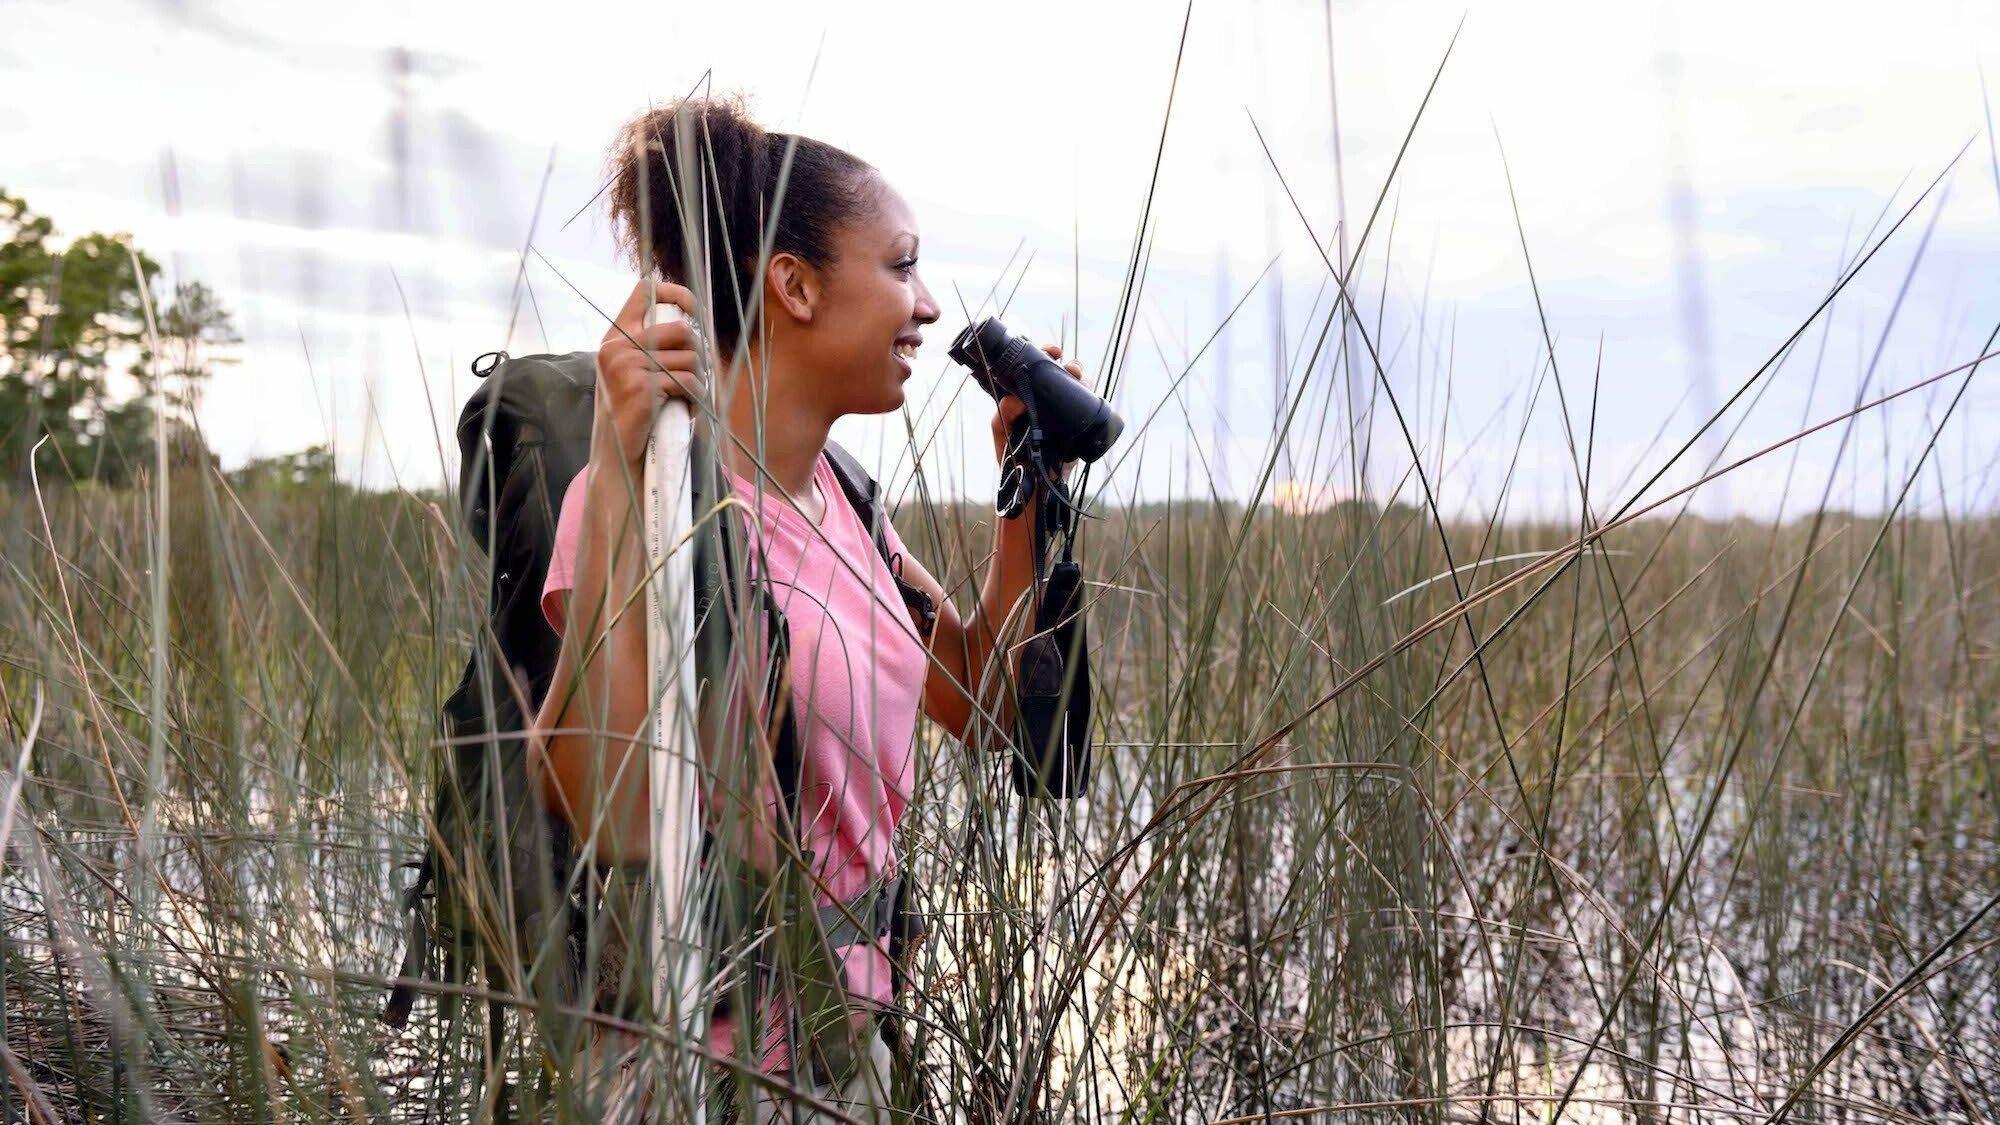 Zu sehen ist die junge Ornithologin Corina Newsome, die mit einem Fernglas in der Hand in einem Sumpf bis zur Hüfte im Wasser steht.